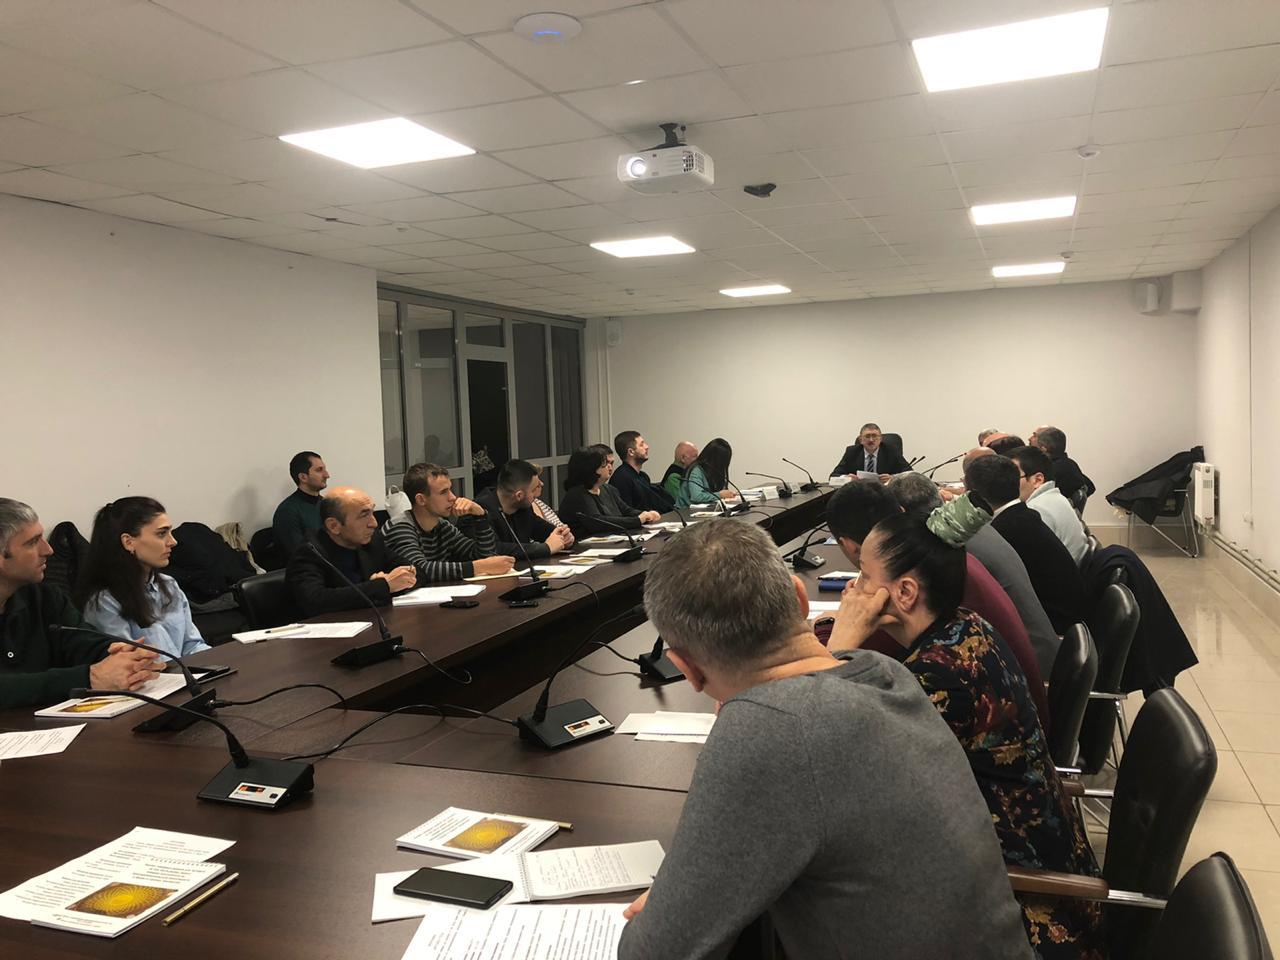 22 ноября 2019 года Центром поддержки экспорта был организован и  проведен круглый стол на тему «Анализ товарных рынков для экспорта (в том числе рынка зерна), влияние менталитета на предпринимательскую деятельность в Иране и странах Закавказья».